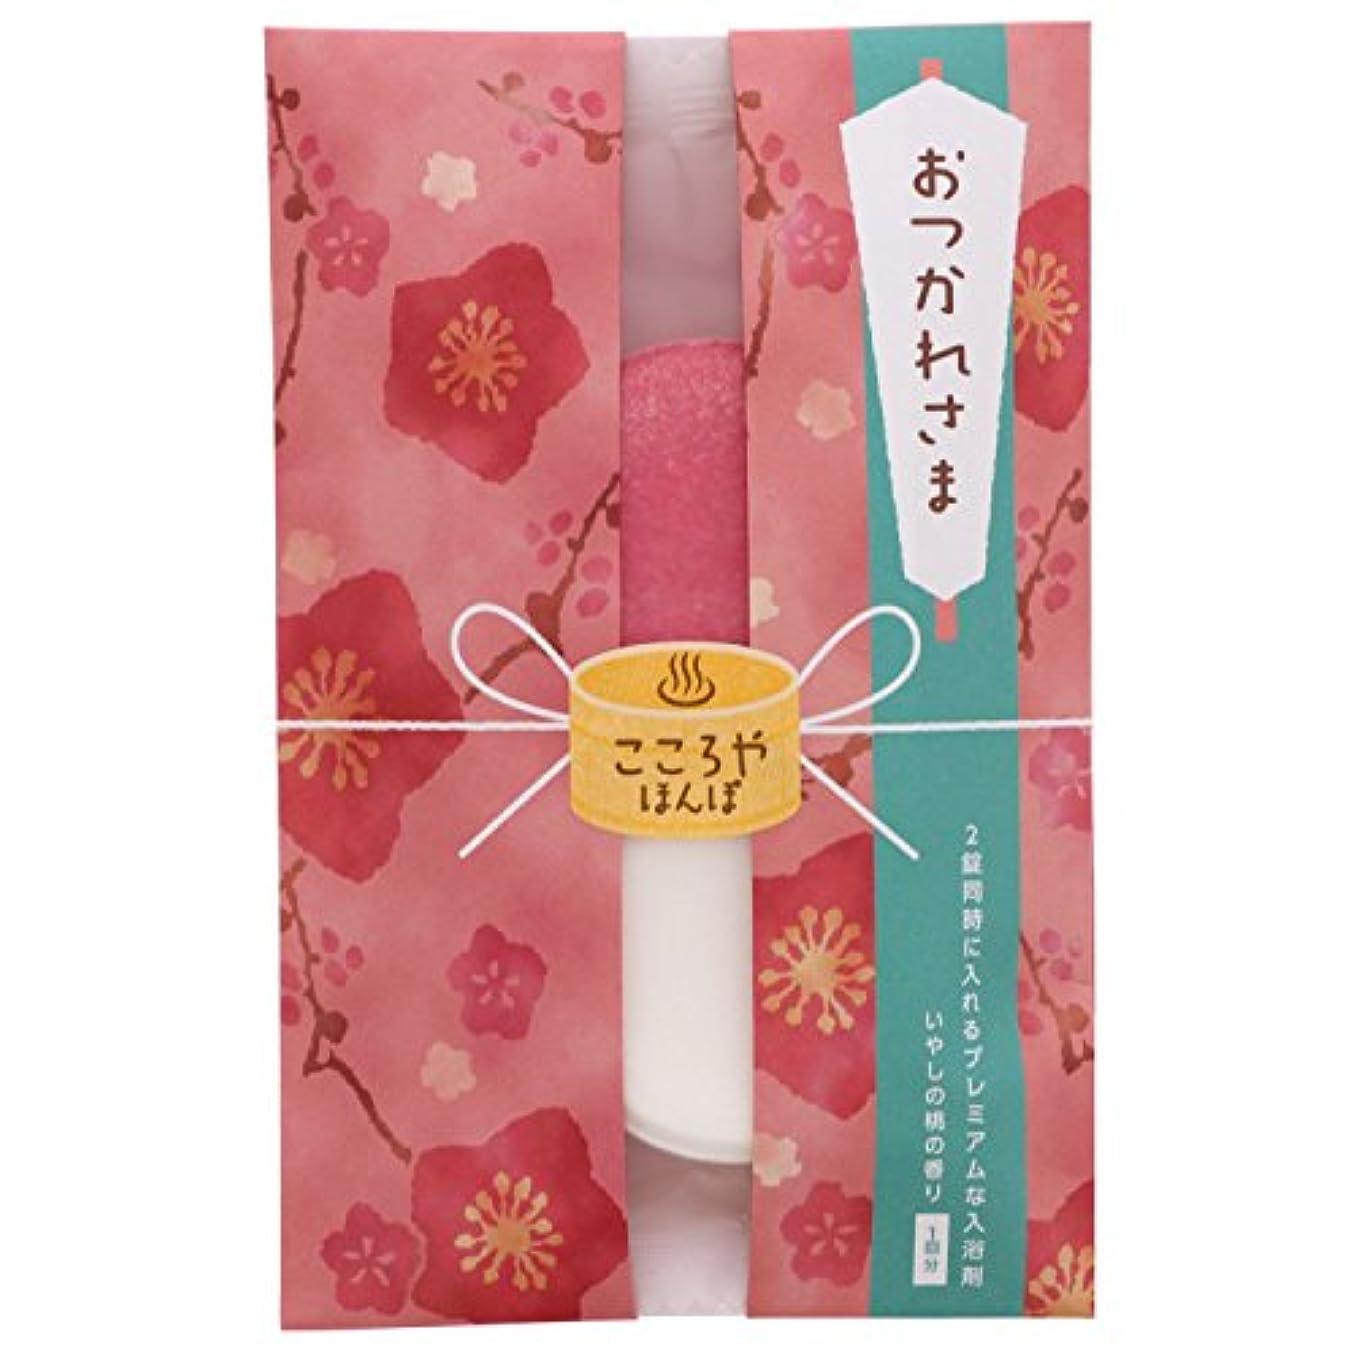 バルコニー作物息切れこころやほんぽ カジュアルギフト 入浴剤 おつかれさま 桃の香り 50g